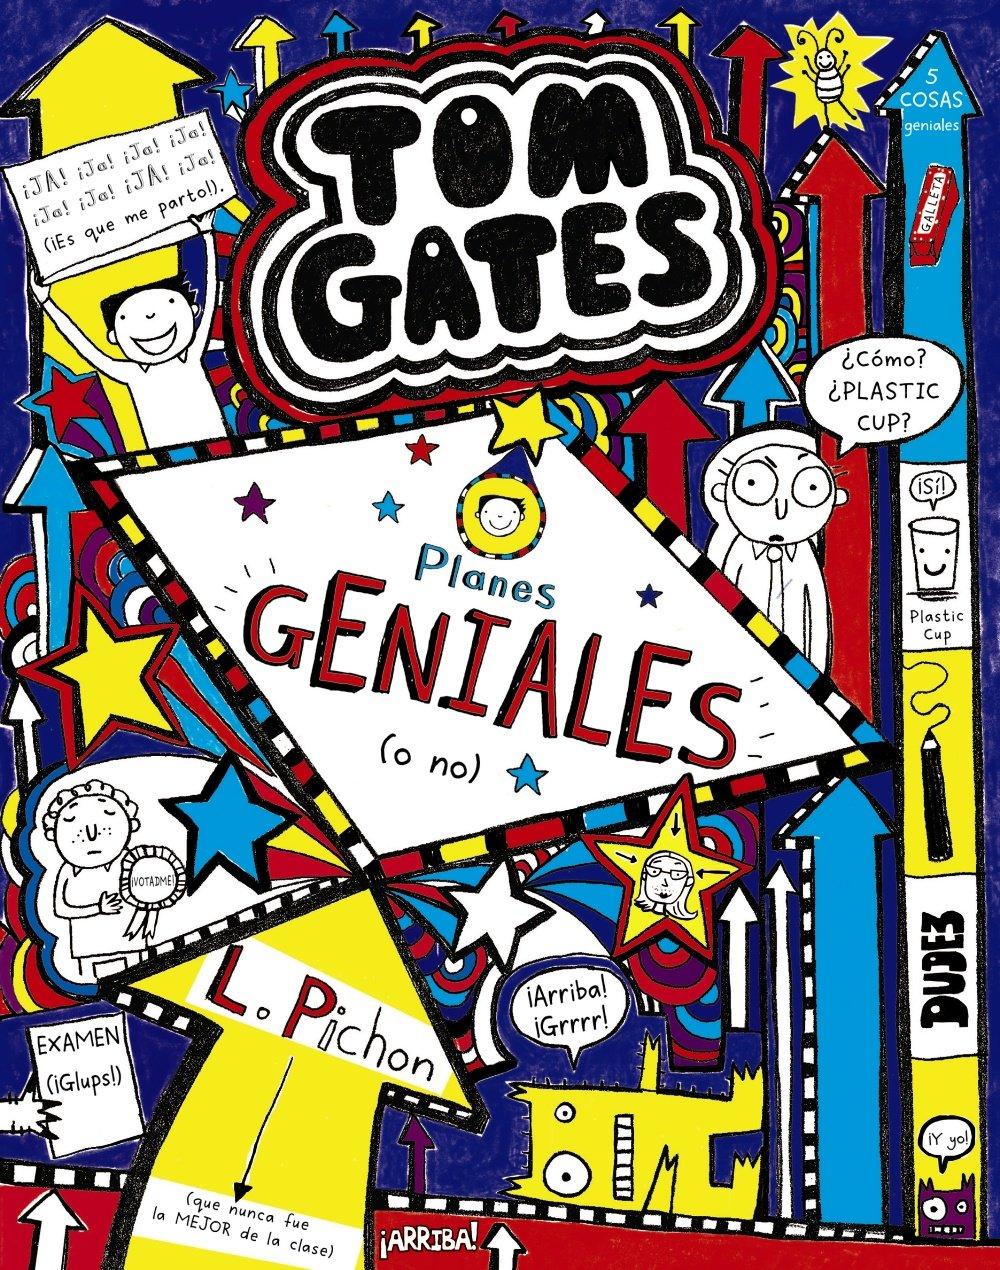 Tom Gates: Planes GENIALES o no Castellano - A Partir De 10 Años -  Personajes Y Series - Tom Gates: Amazon.es: Liz Pichon, Daniel Cortés  Coronas: Libros